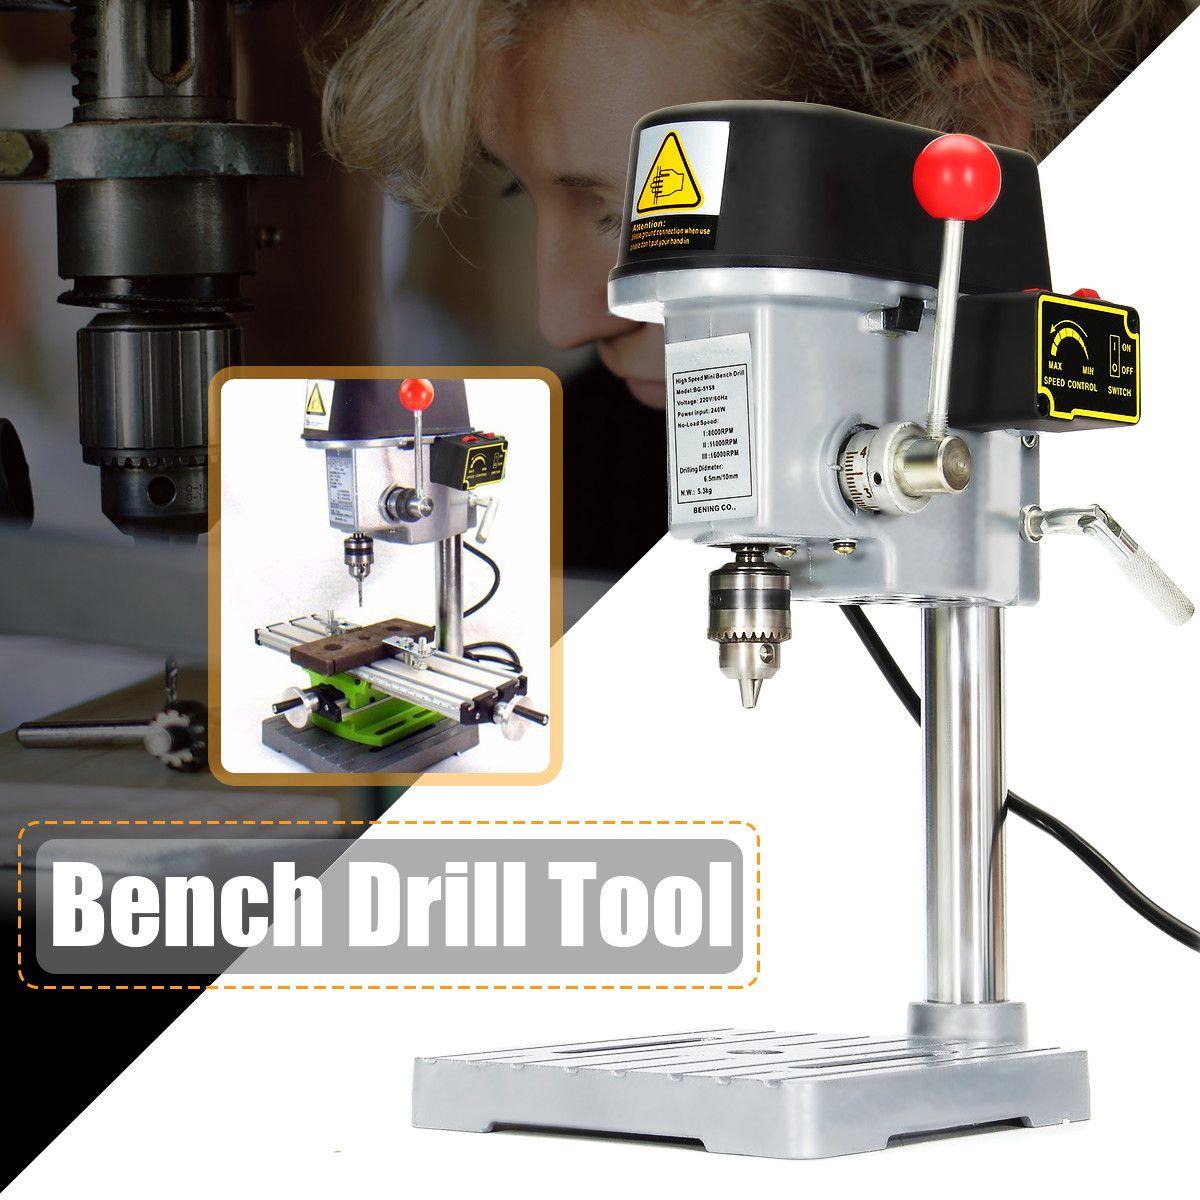 Mini perceuse 240 W pour banc perceuse vitesse Variable mandrin de perçage 0.6-6.5mm pour bricolage bois métal outils électriques